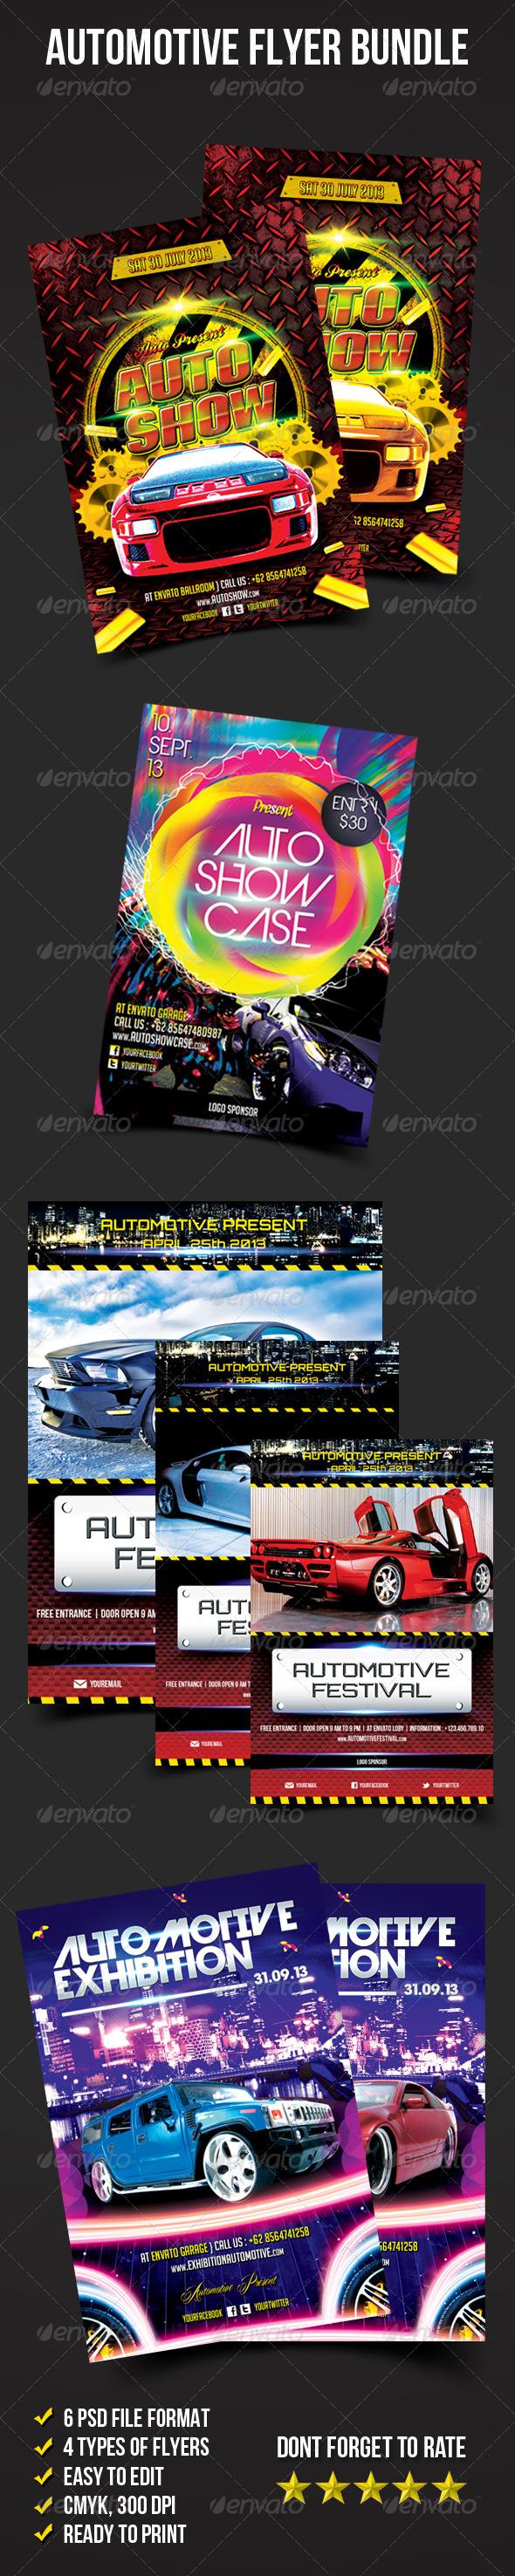 GraphicRiver Flyer Bundle 02 Automotive Flyer 6582161